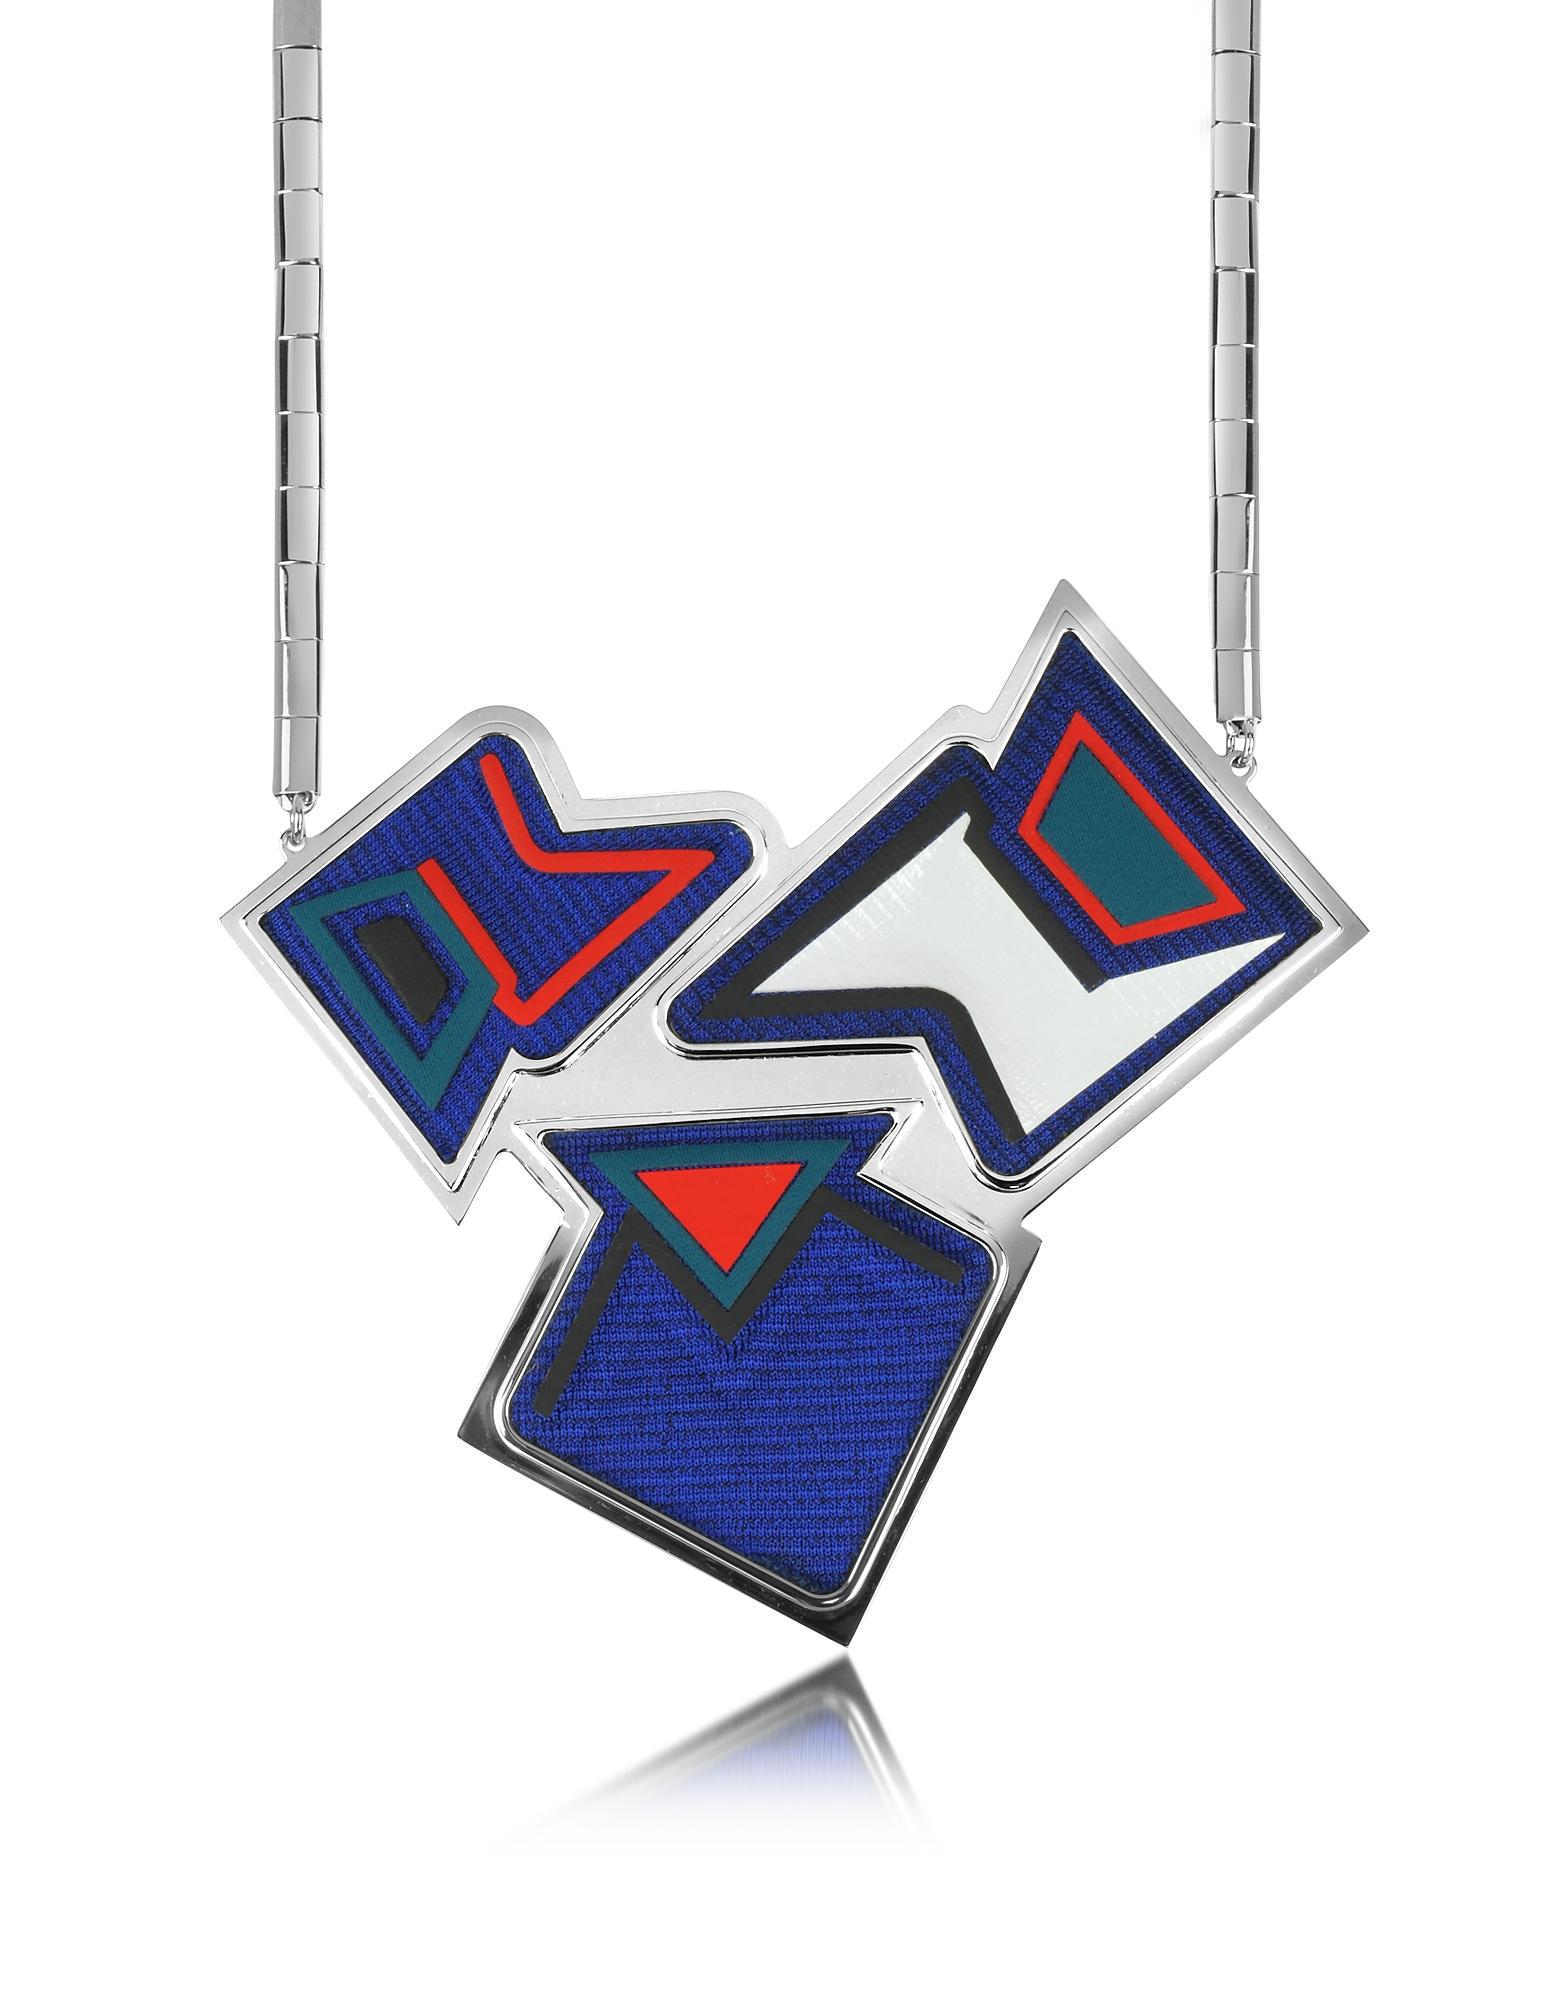 Avril 8790 Ziggy - Ожерелье из Меди с Напылением Рутения и Разноцветной Вискозы